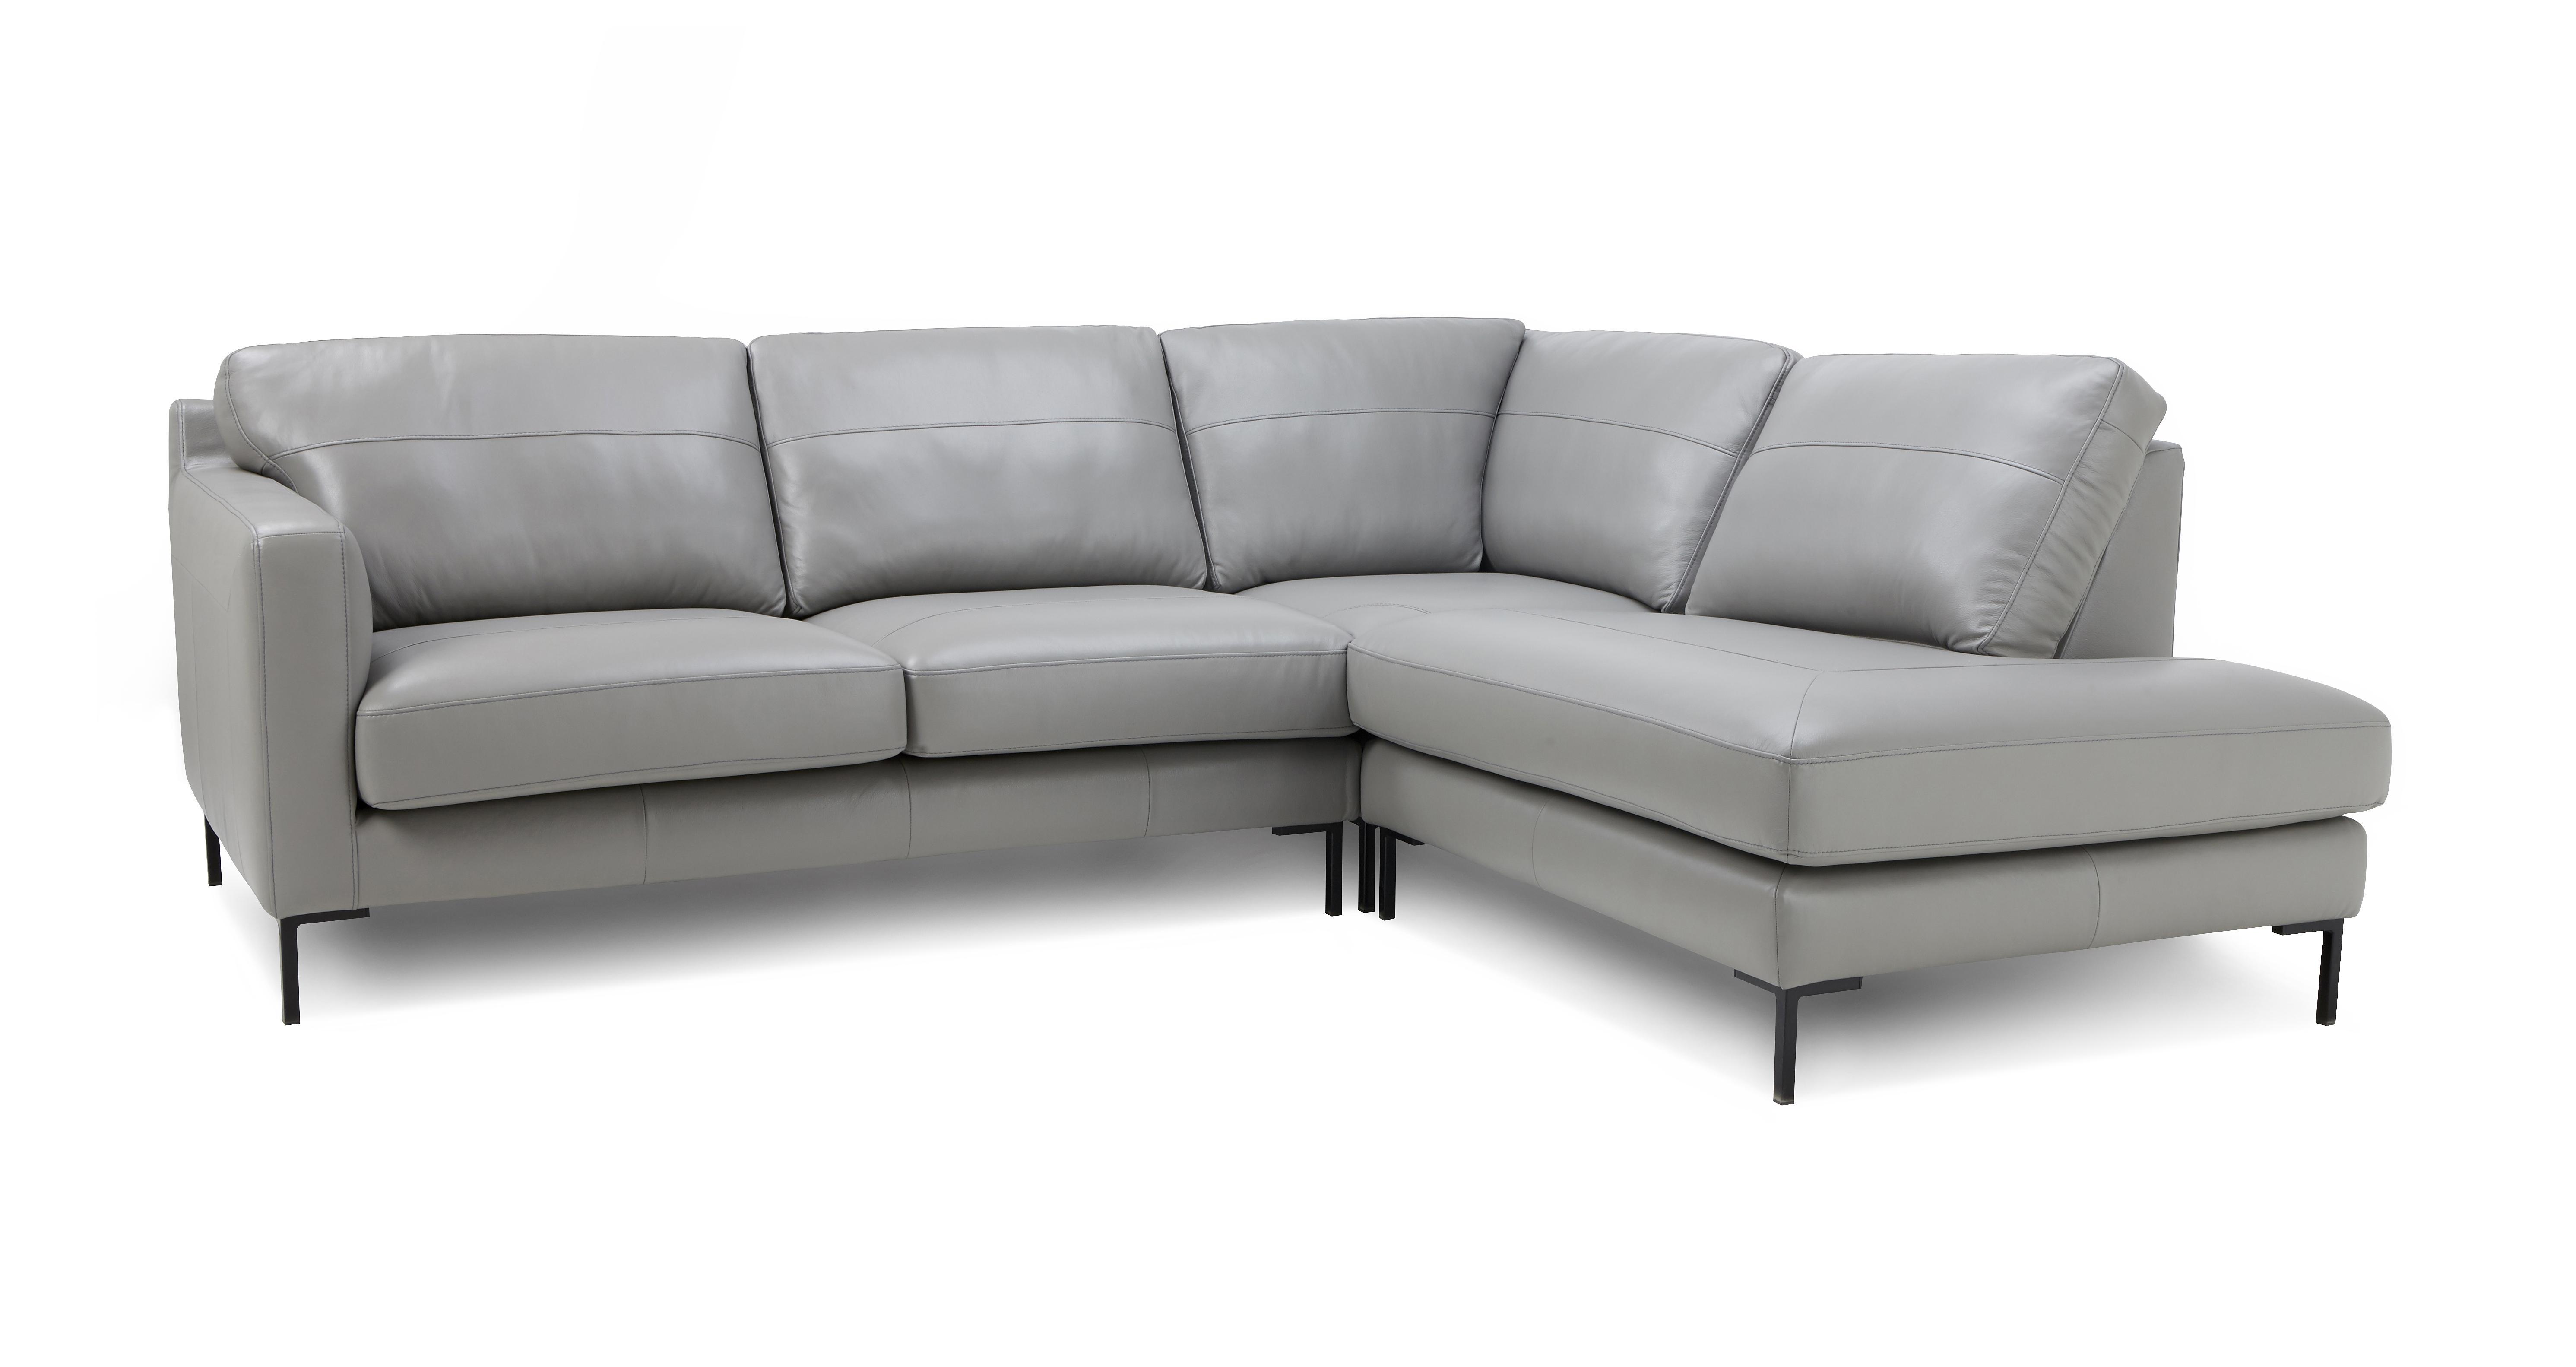 Superb Spirito Left Hand Facing Arm 3 Piece Corner Sofa Brooke | DFS